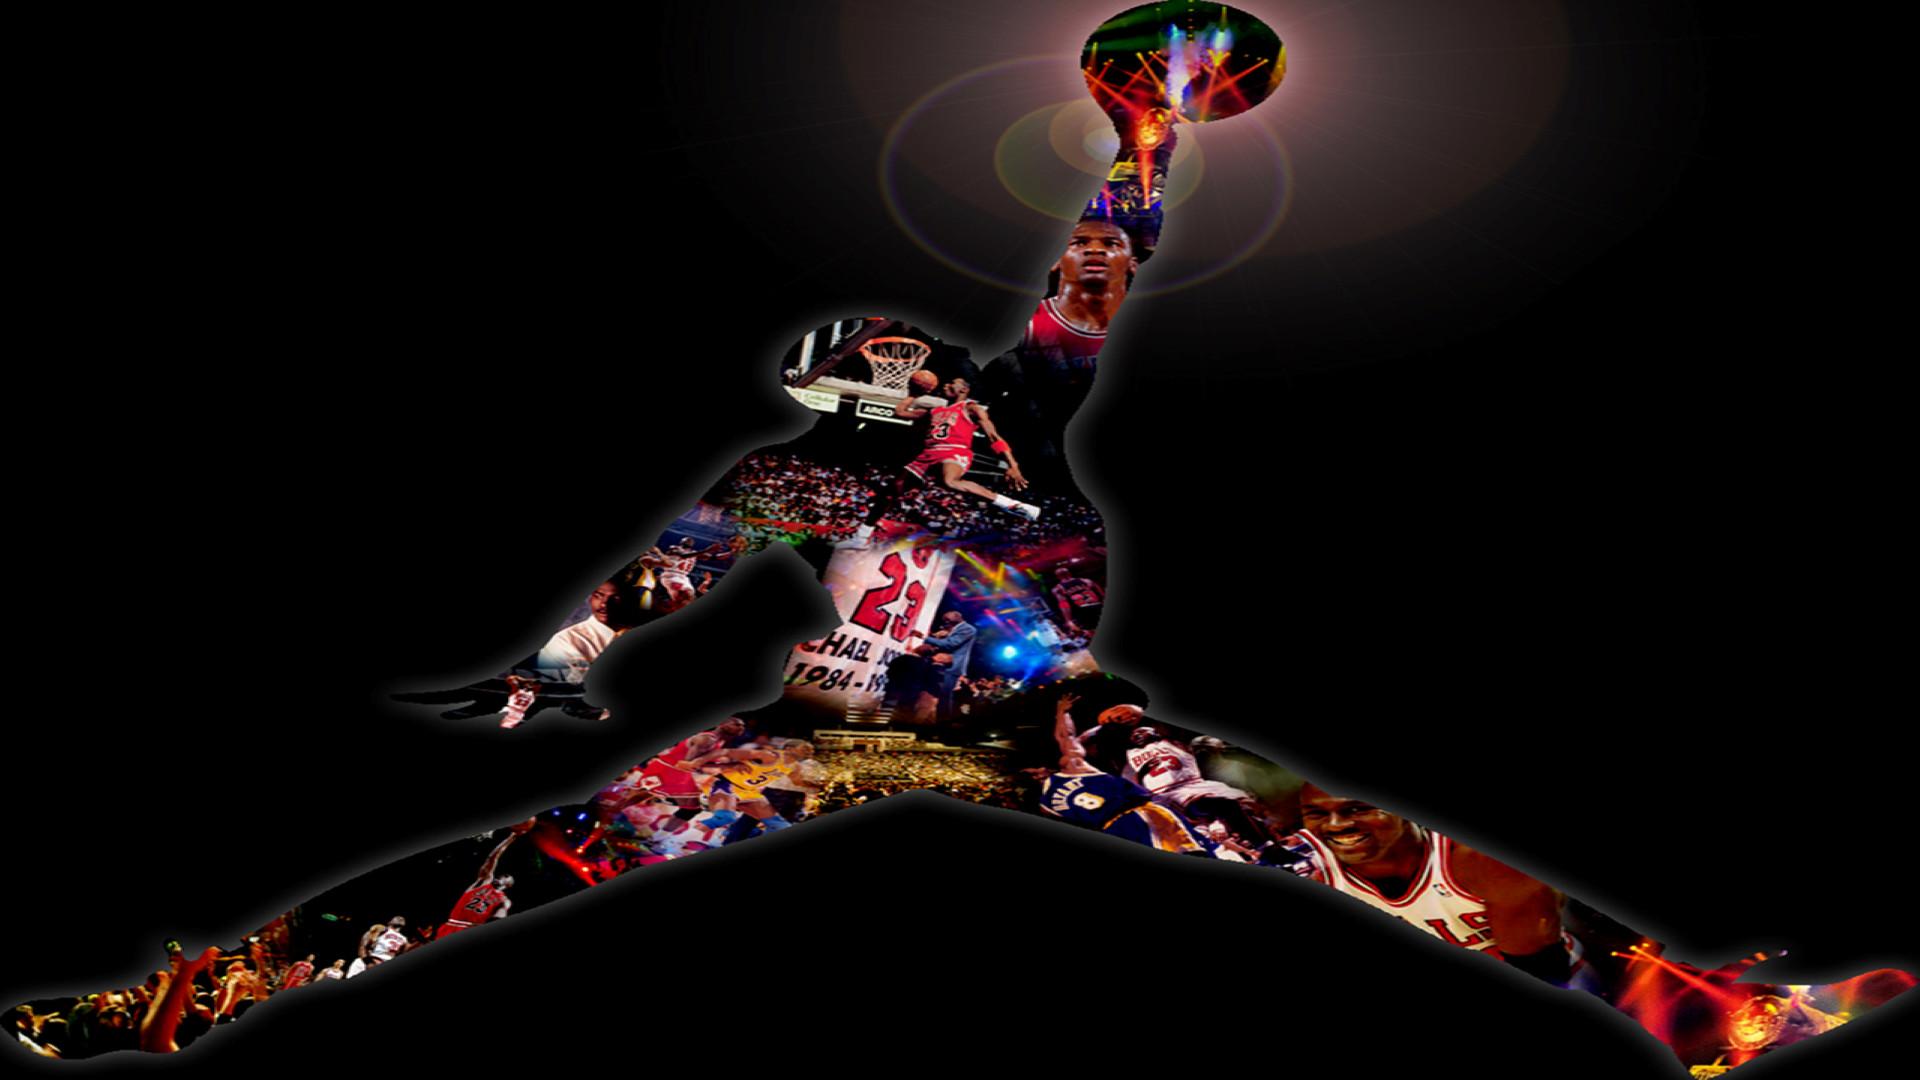 Michael Jordan Dunk Wallpapers Wallpaper 1280×800